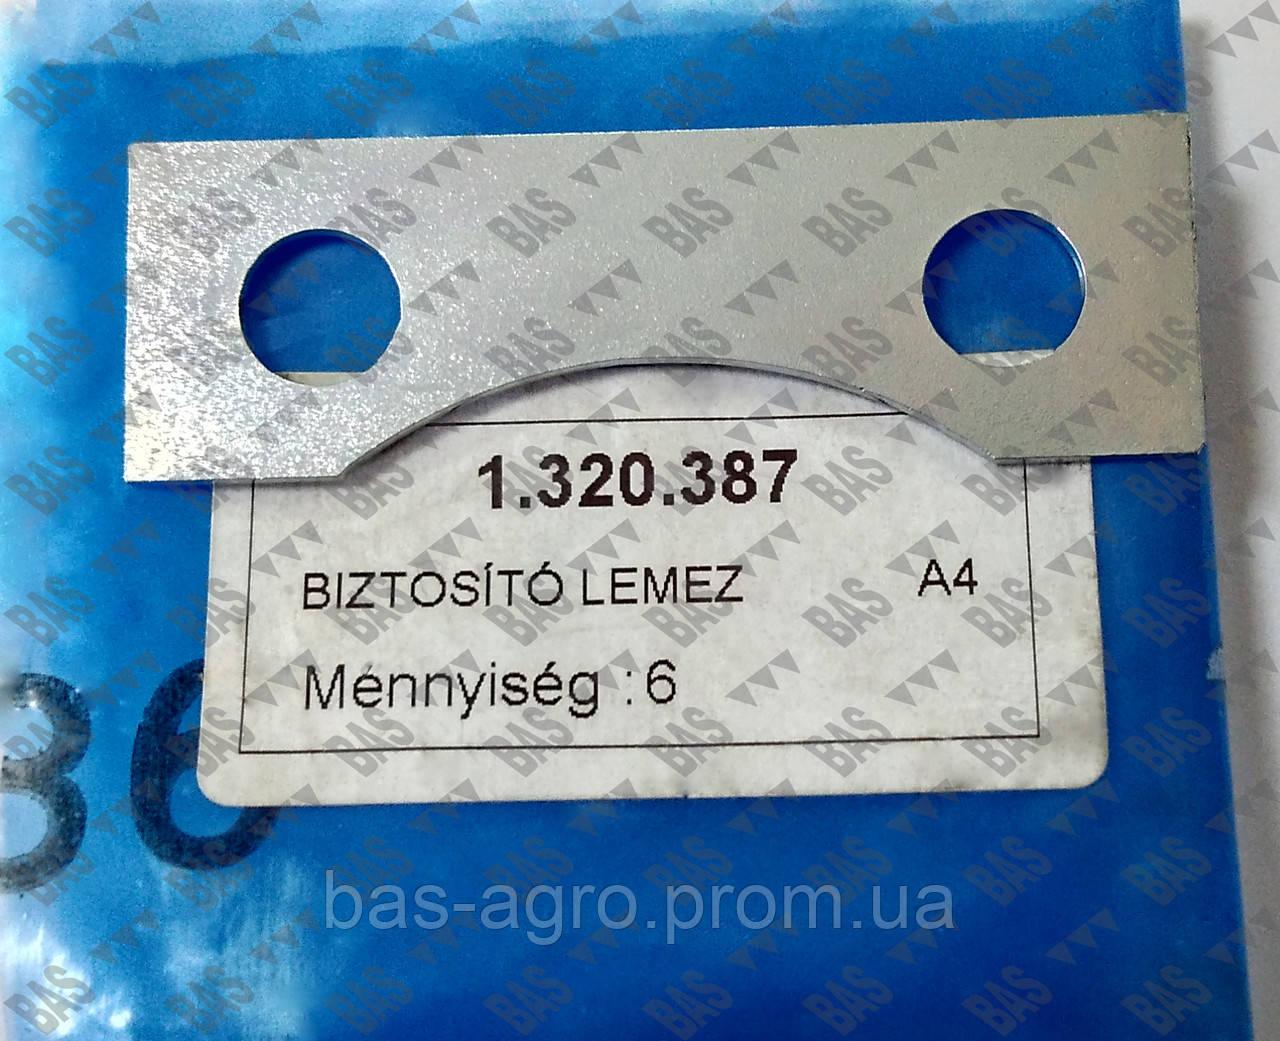 Пластина Oros 1.320.387 оригинал